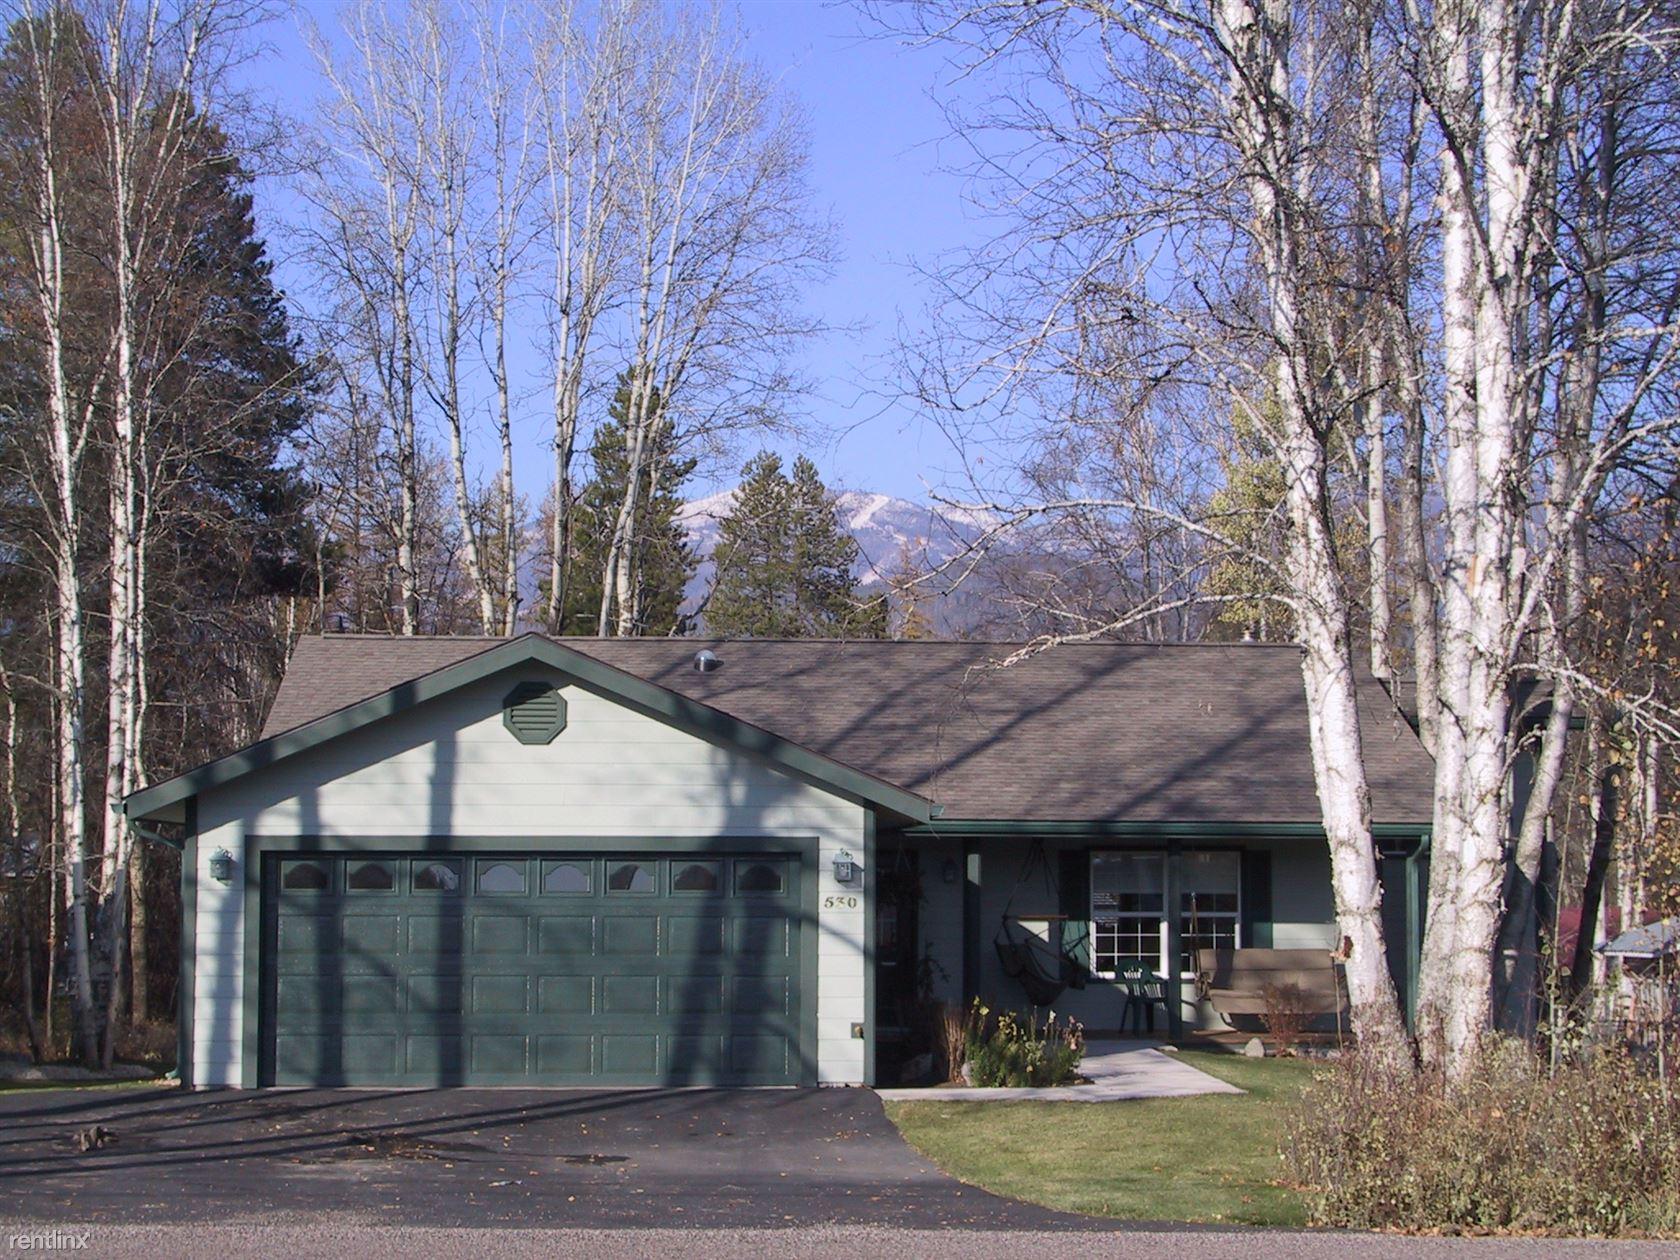 530 Glenwood Road, Whitefish, MT - $2,800